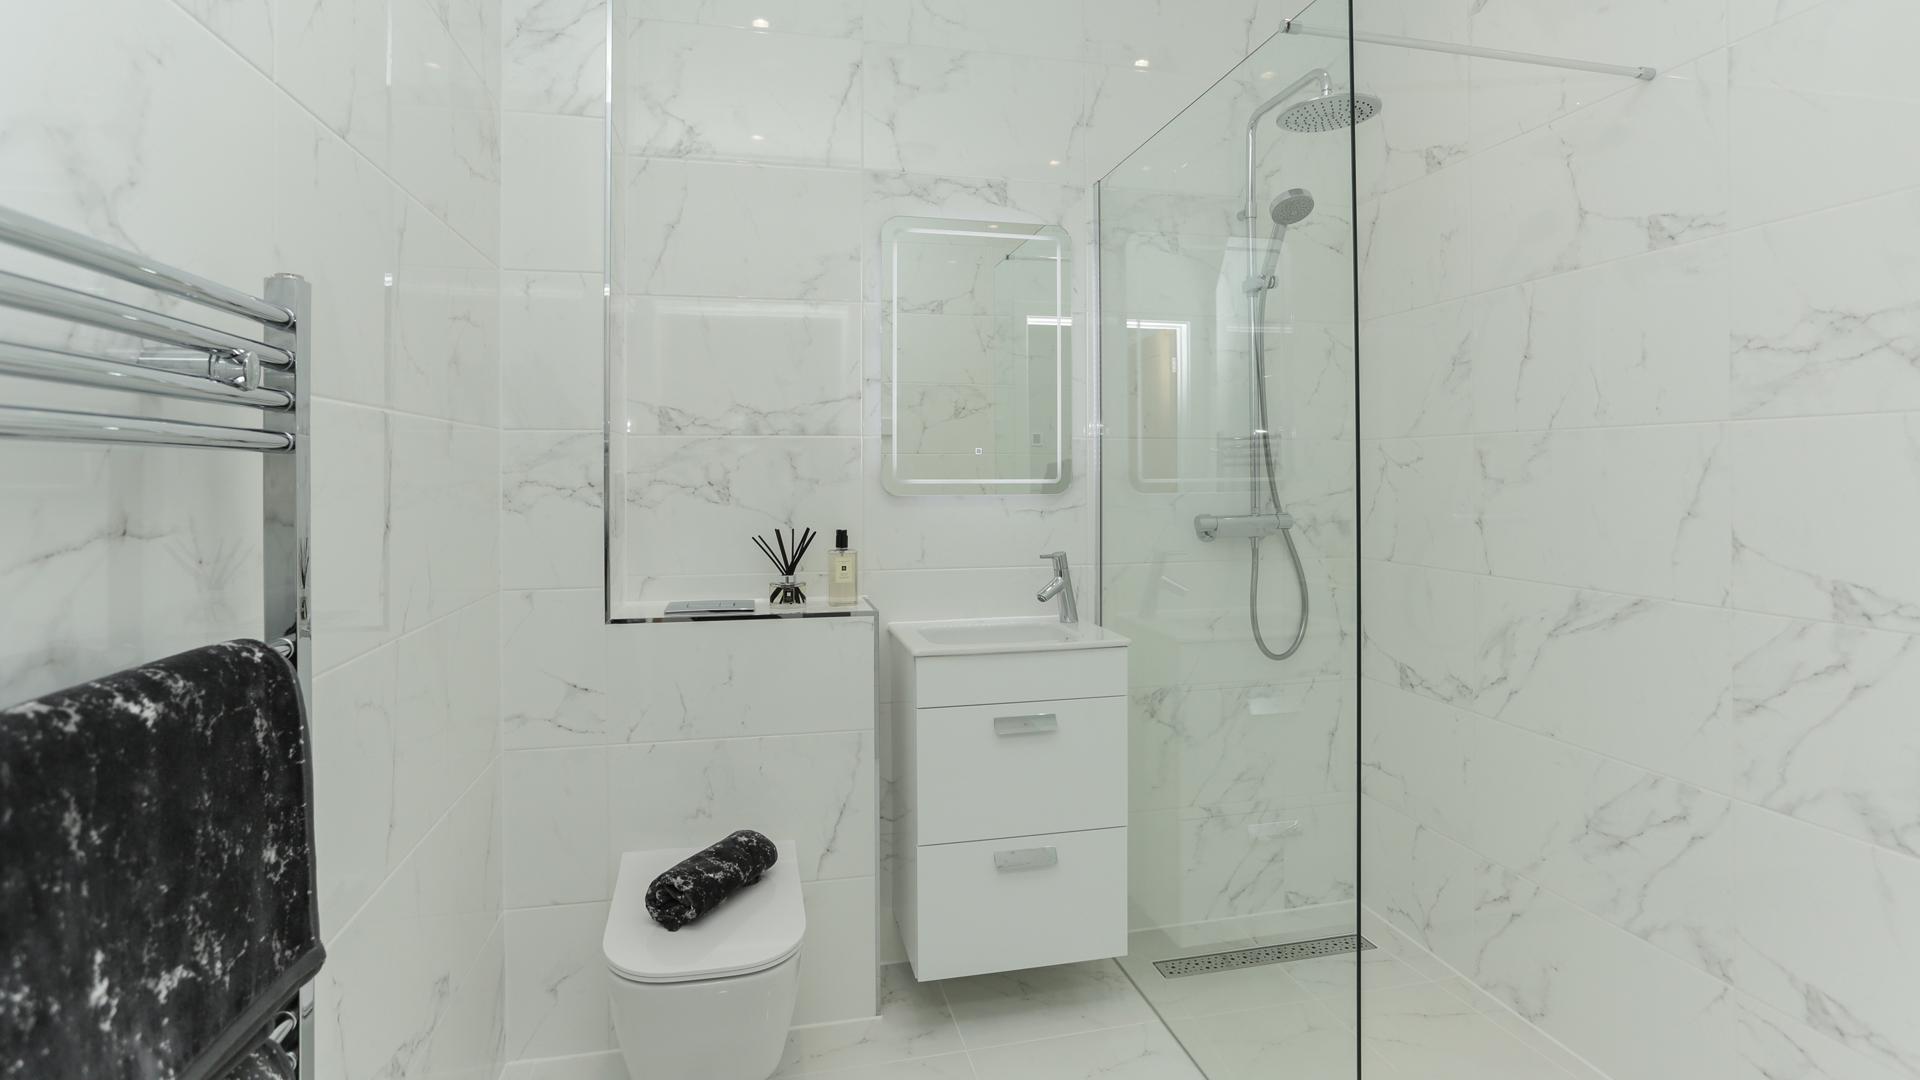 Cobnut Park Plot 7 shower room with white Porcelanosa tiles